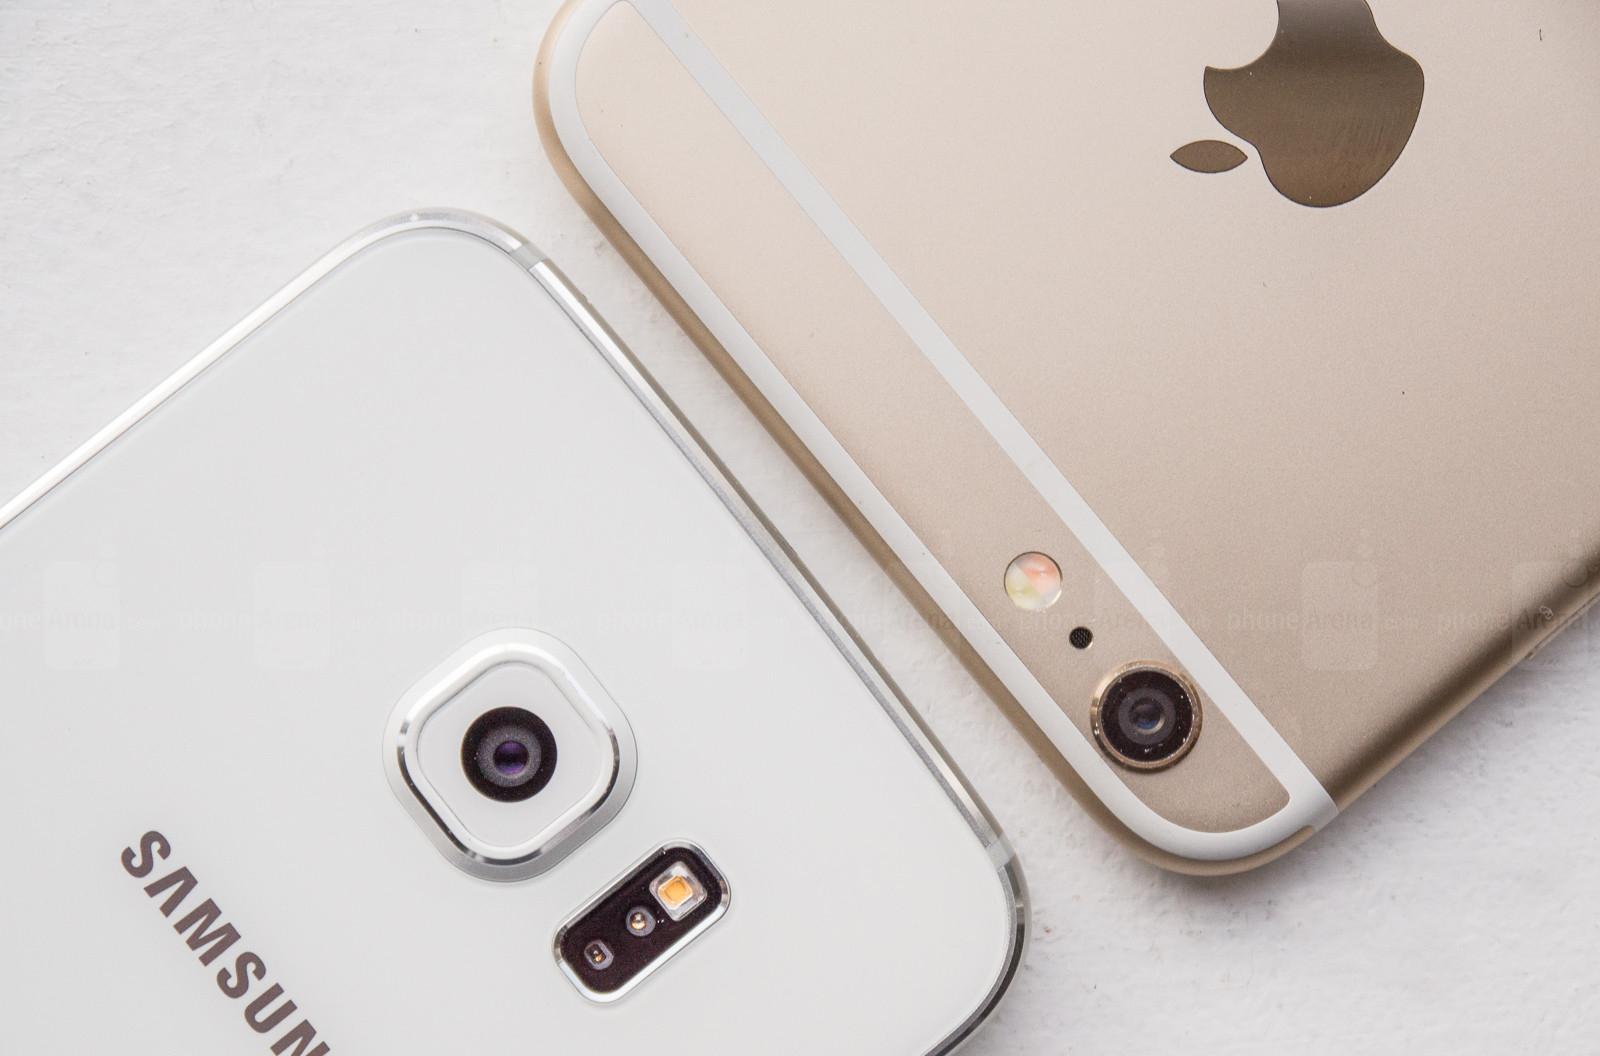 Мир, дружба, жвачка: Apple и Samsung выпустят телефон вместе